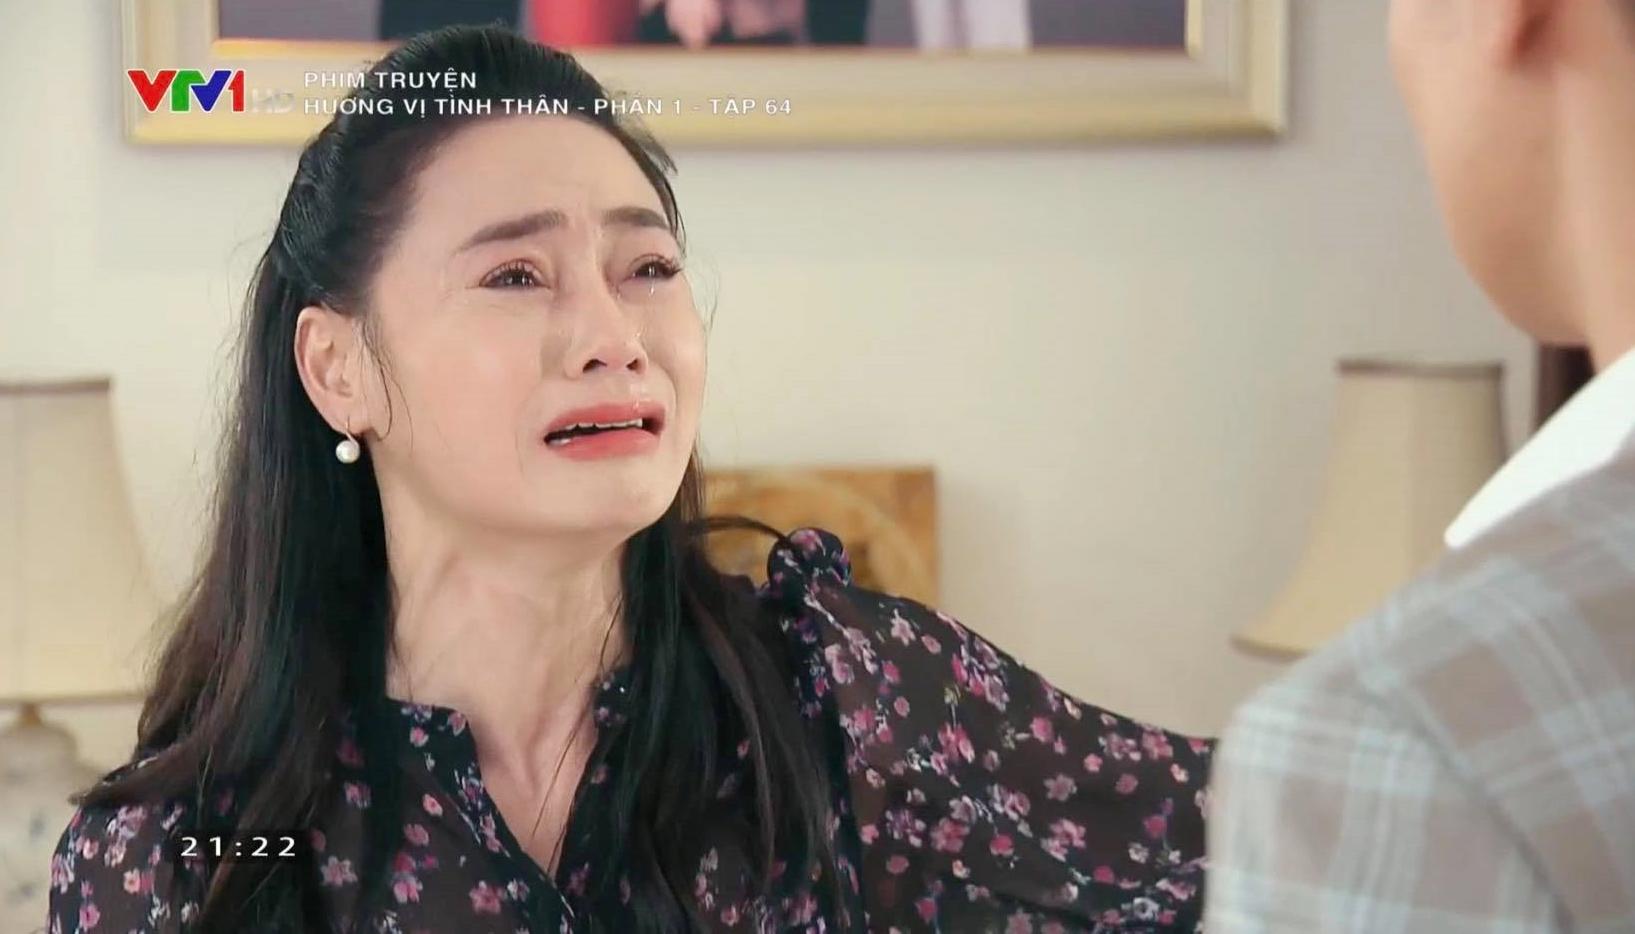 Quách Thu Phương là diễn viên bị đánh đập nhiều nhất phim Hương vị tình thân - Ảnh 6.